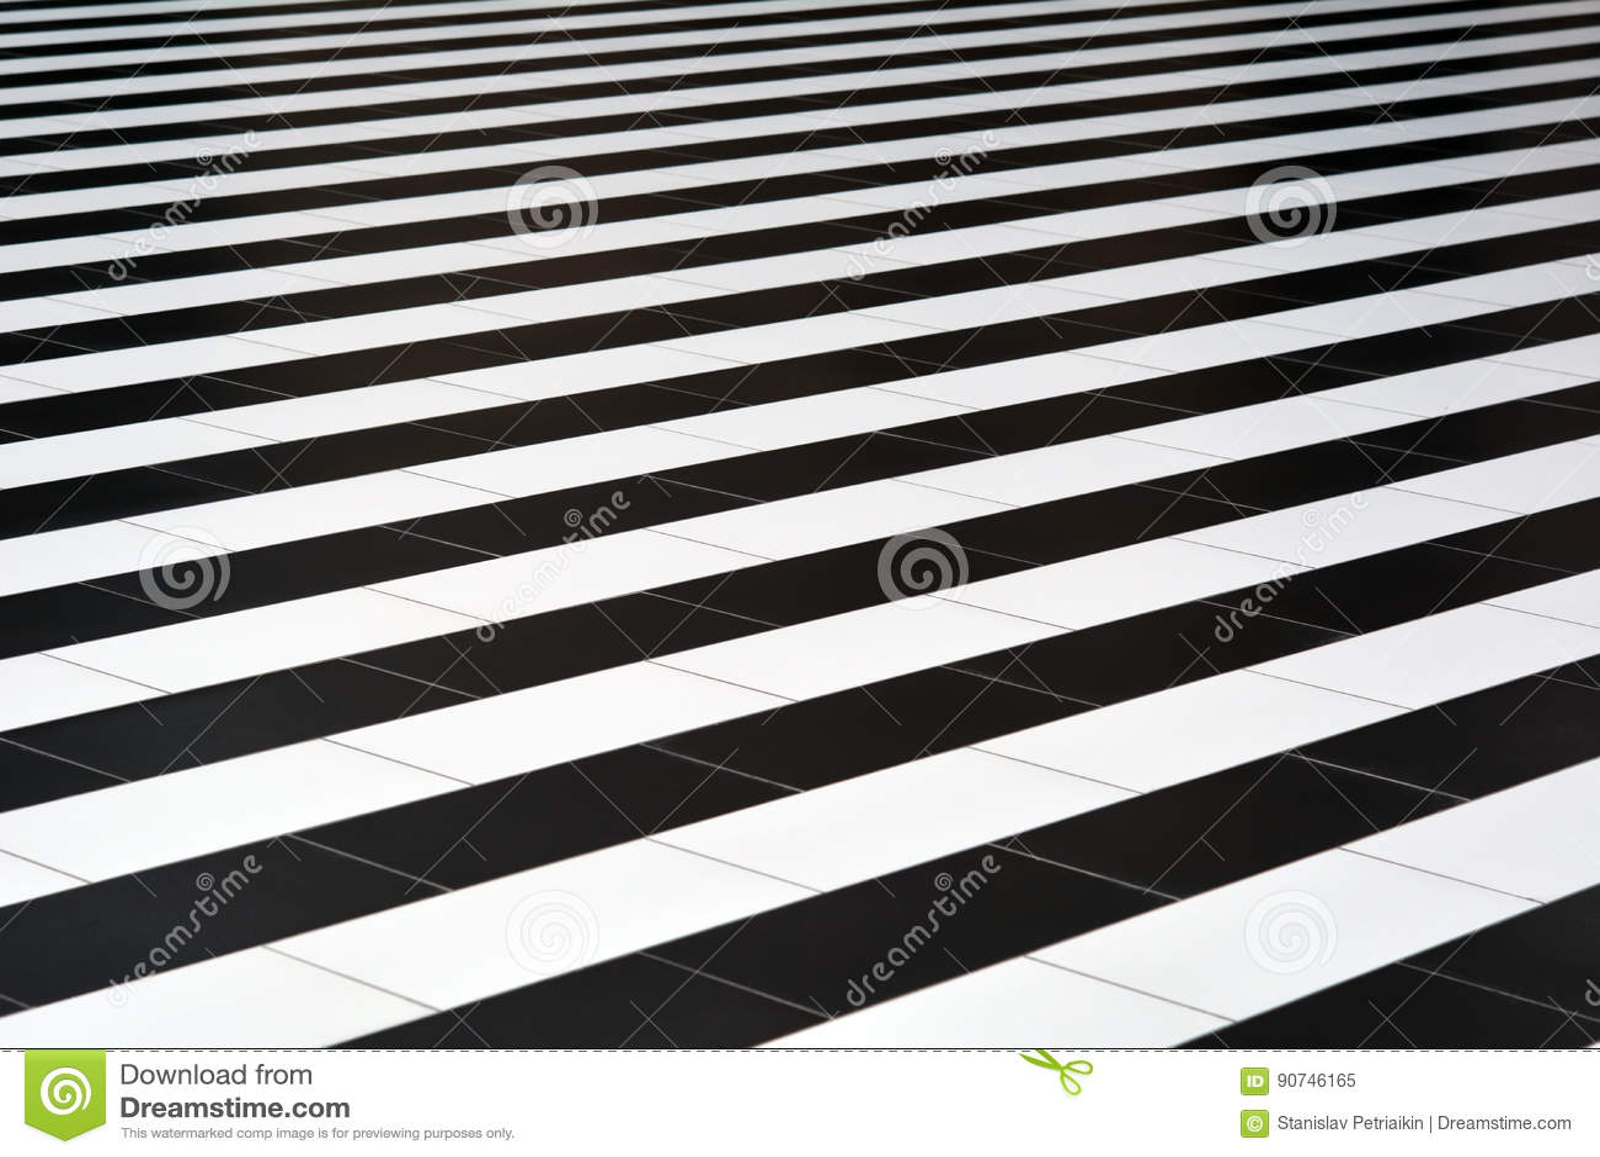 Zwart Witte Tegels : Zwart witte tegels op de vloer stock afbeelding afbeelding